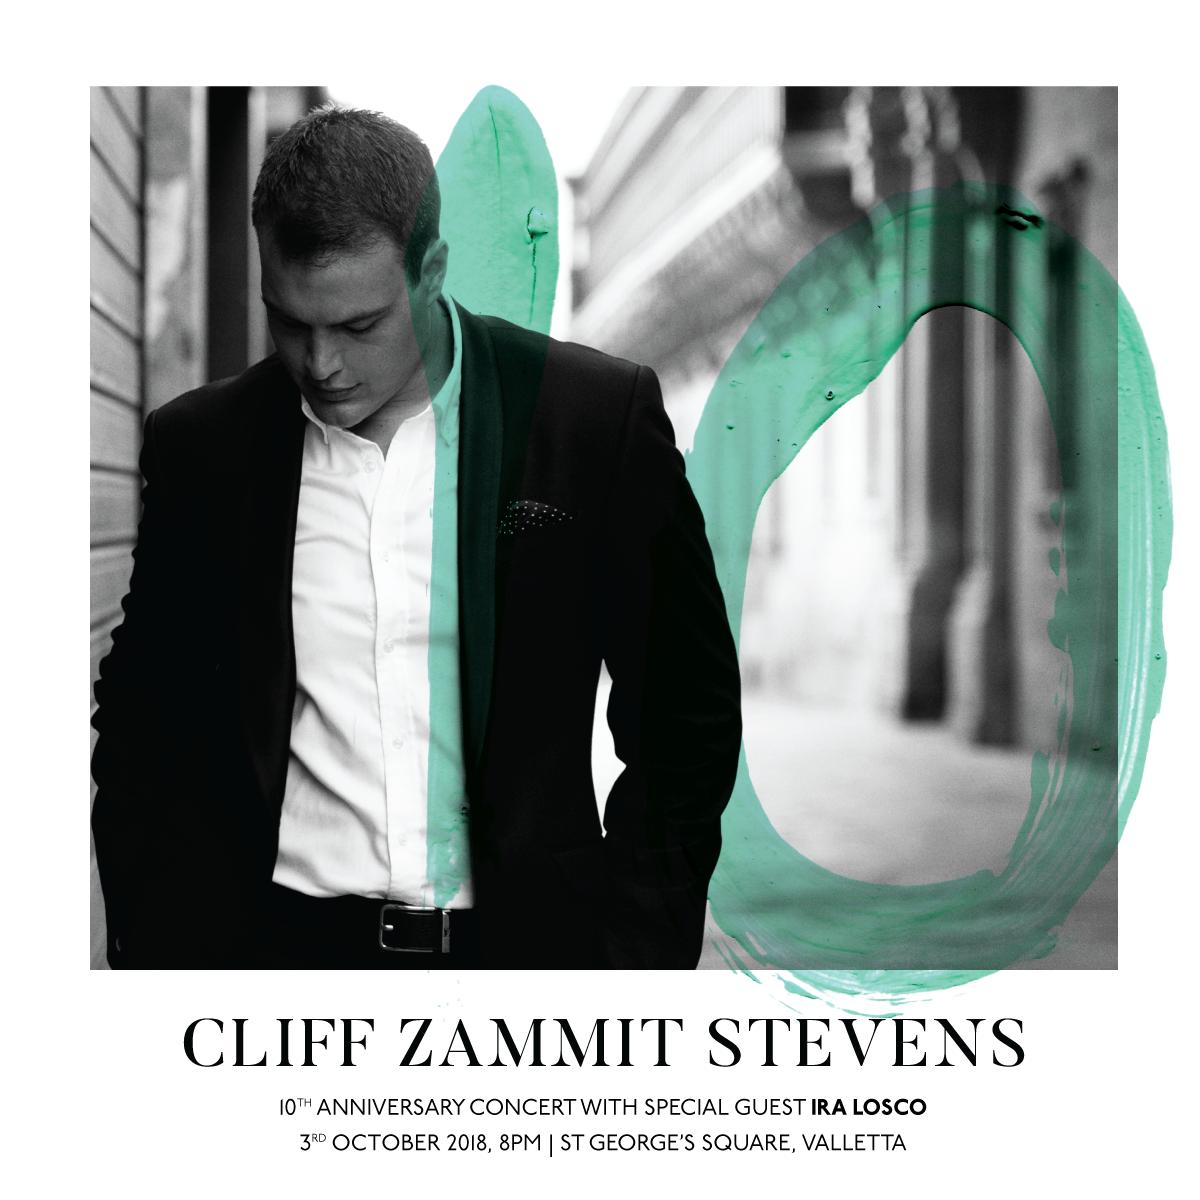 Cliff Zammit Stevens 10 Year Anniversary Concert